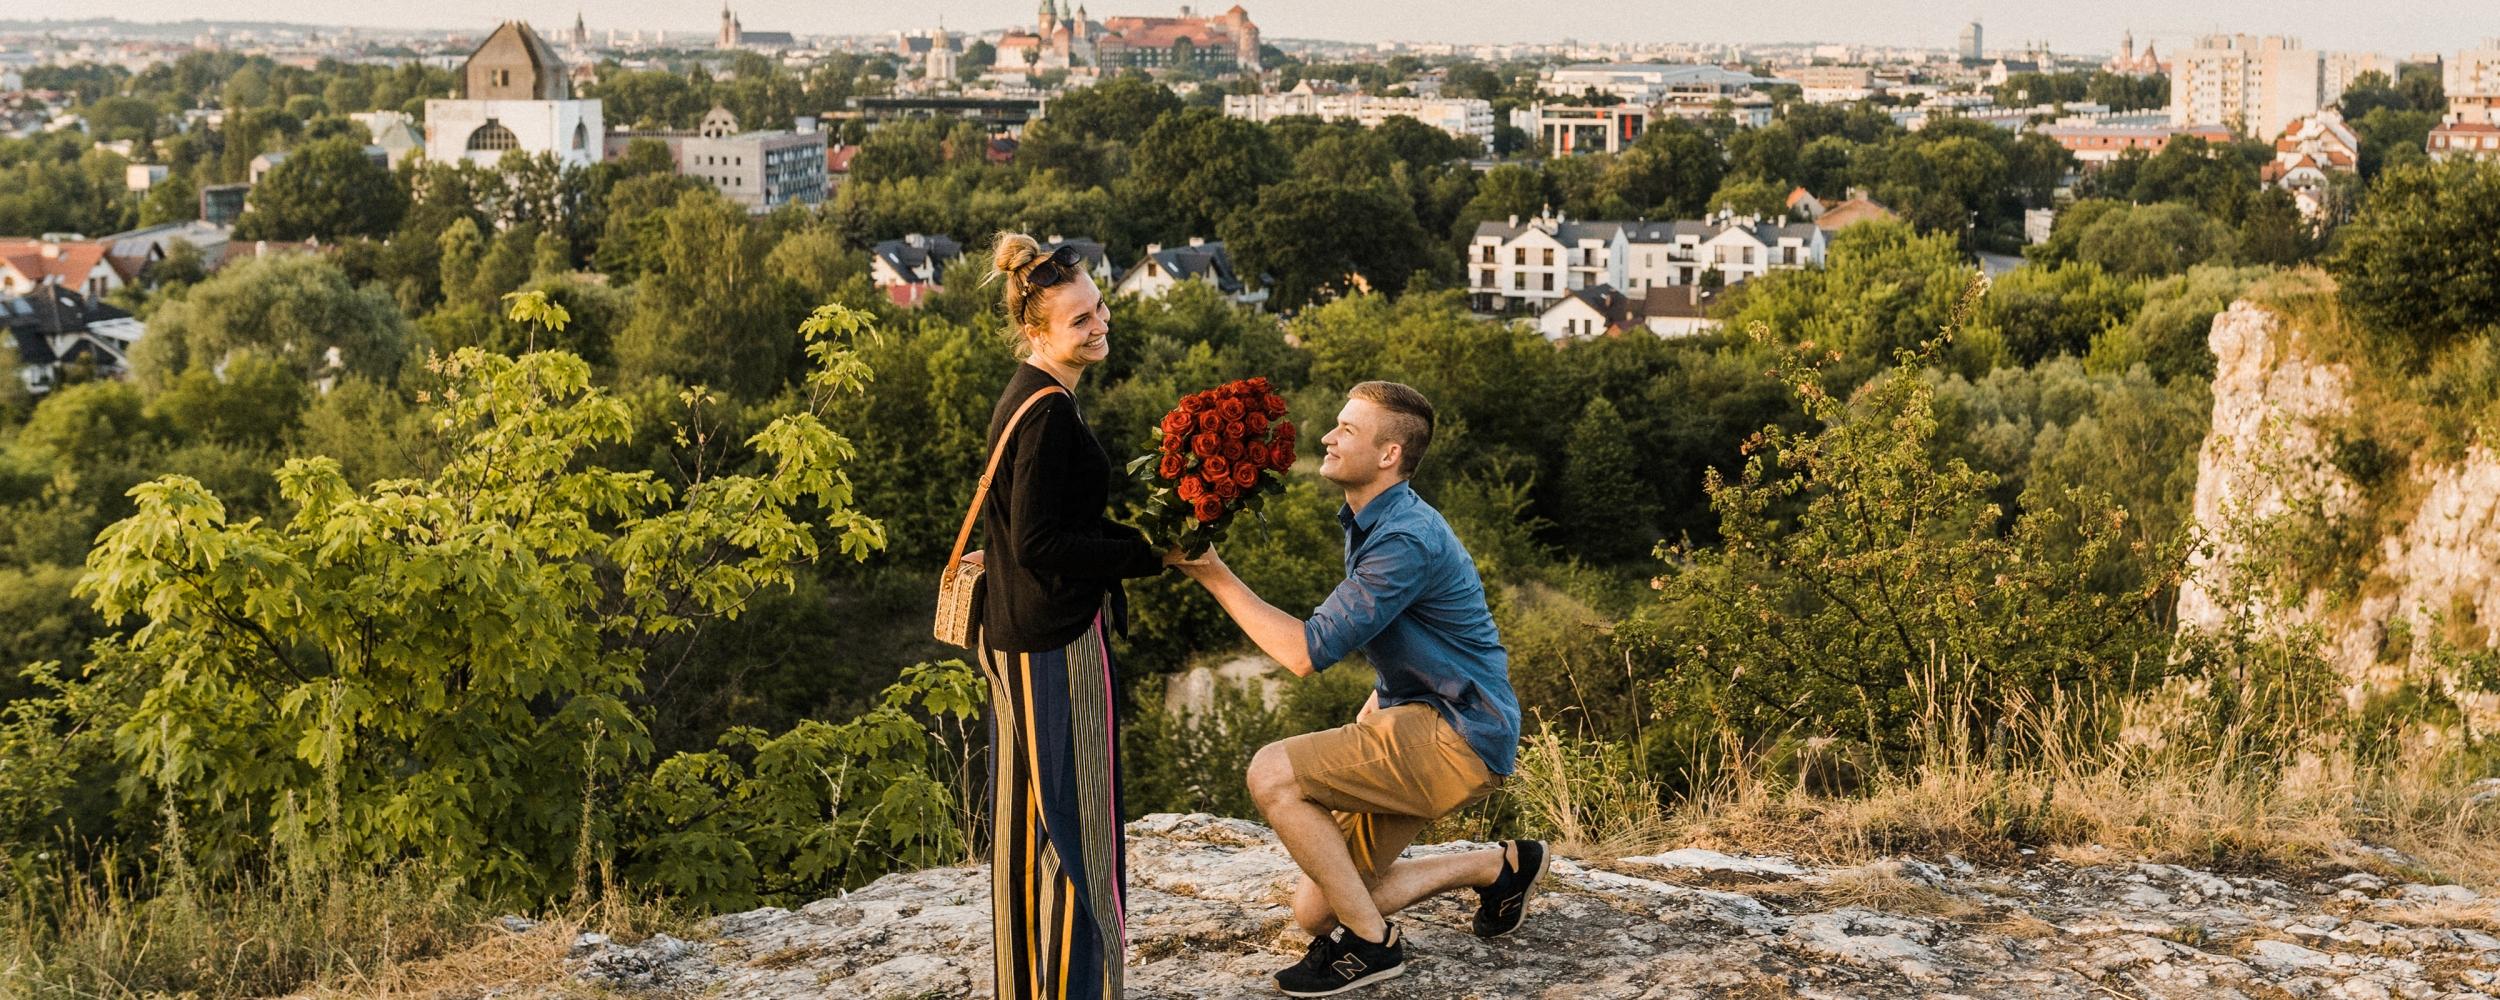 Oswiadczyny fotograf Krakow